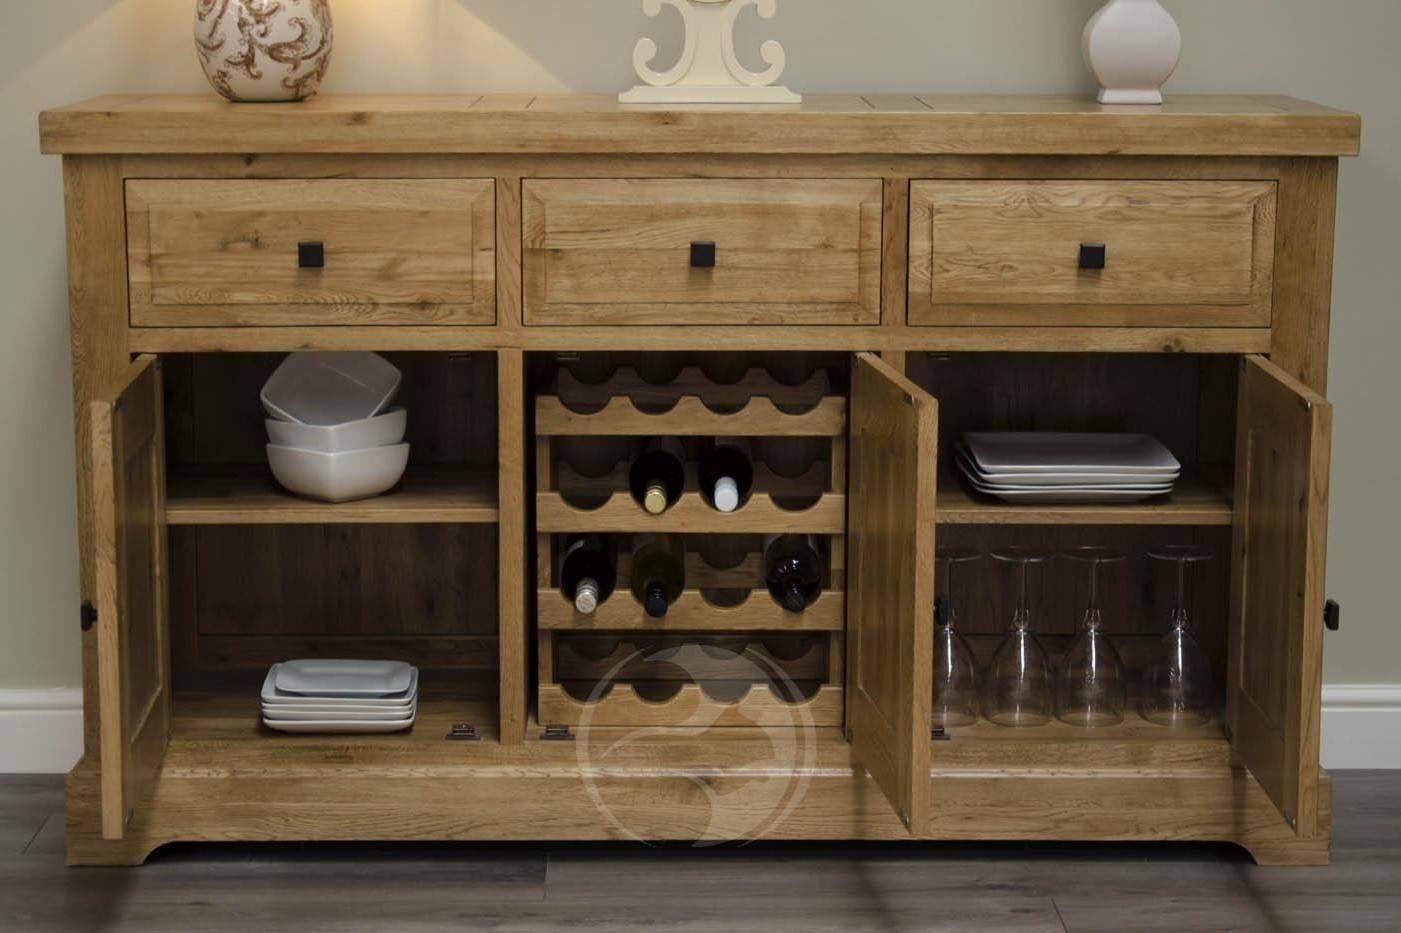 Coniston Rustic Solid Oak Large Sideboard | Oak Furniture Uk Inside Most Current Rustic Oak Large Sideboards (#2 of 15)